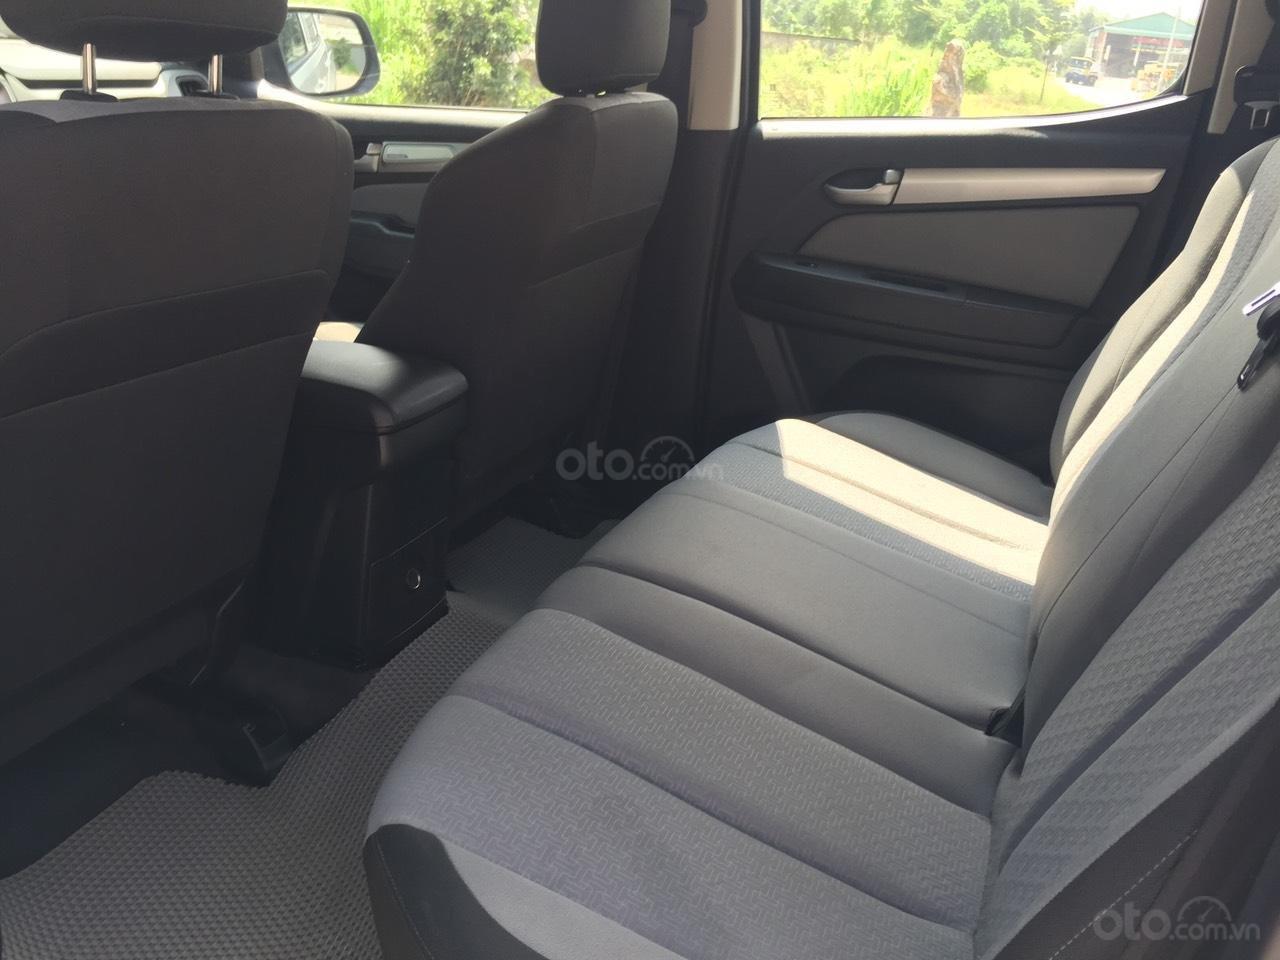 Xe bán tải Corolado 2016, 2 cầu, máy 2.5 - liên hệ: 0967829892 Anh Trung để biết thêm chi tiết (6)